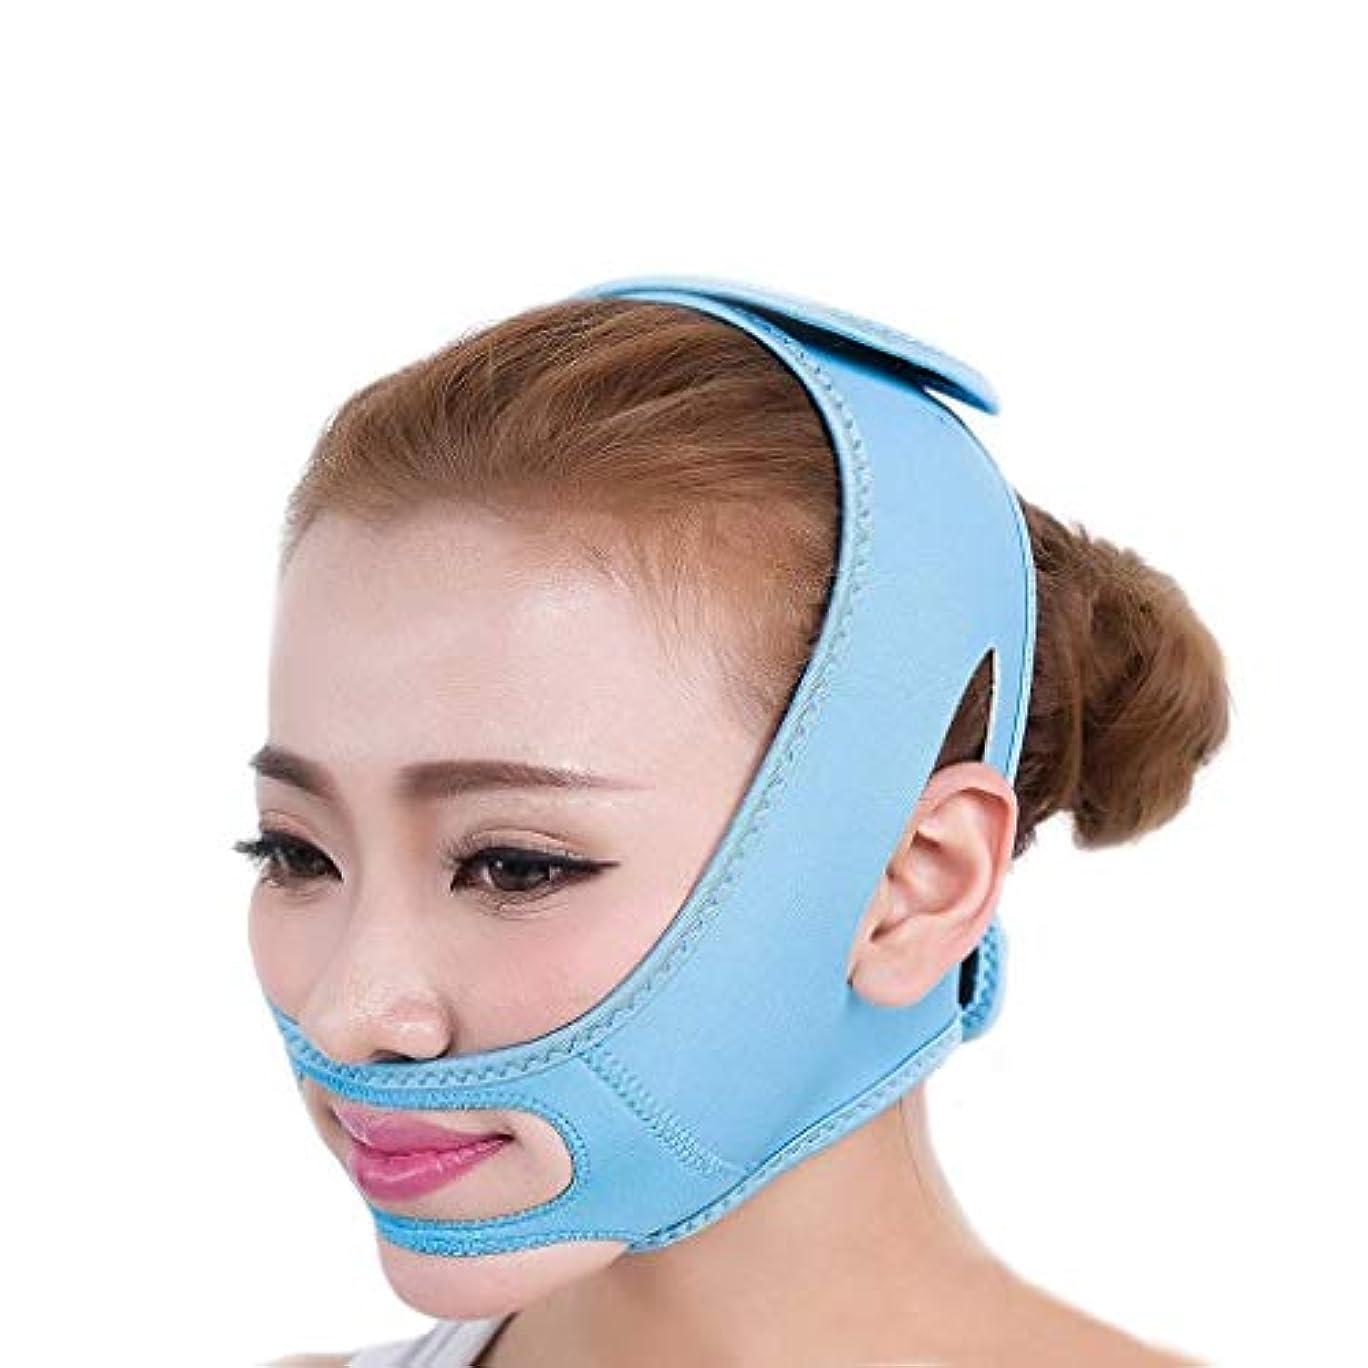 淡い愛国的な物理学者フェイスリフトテープ&バンド、フェイススリミングマスク、ダブルチン、ダブルチンリデューサー、シワ防止マスク、リフティングシェイプ(フリーサイズ)(カラー:ピンク),青